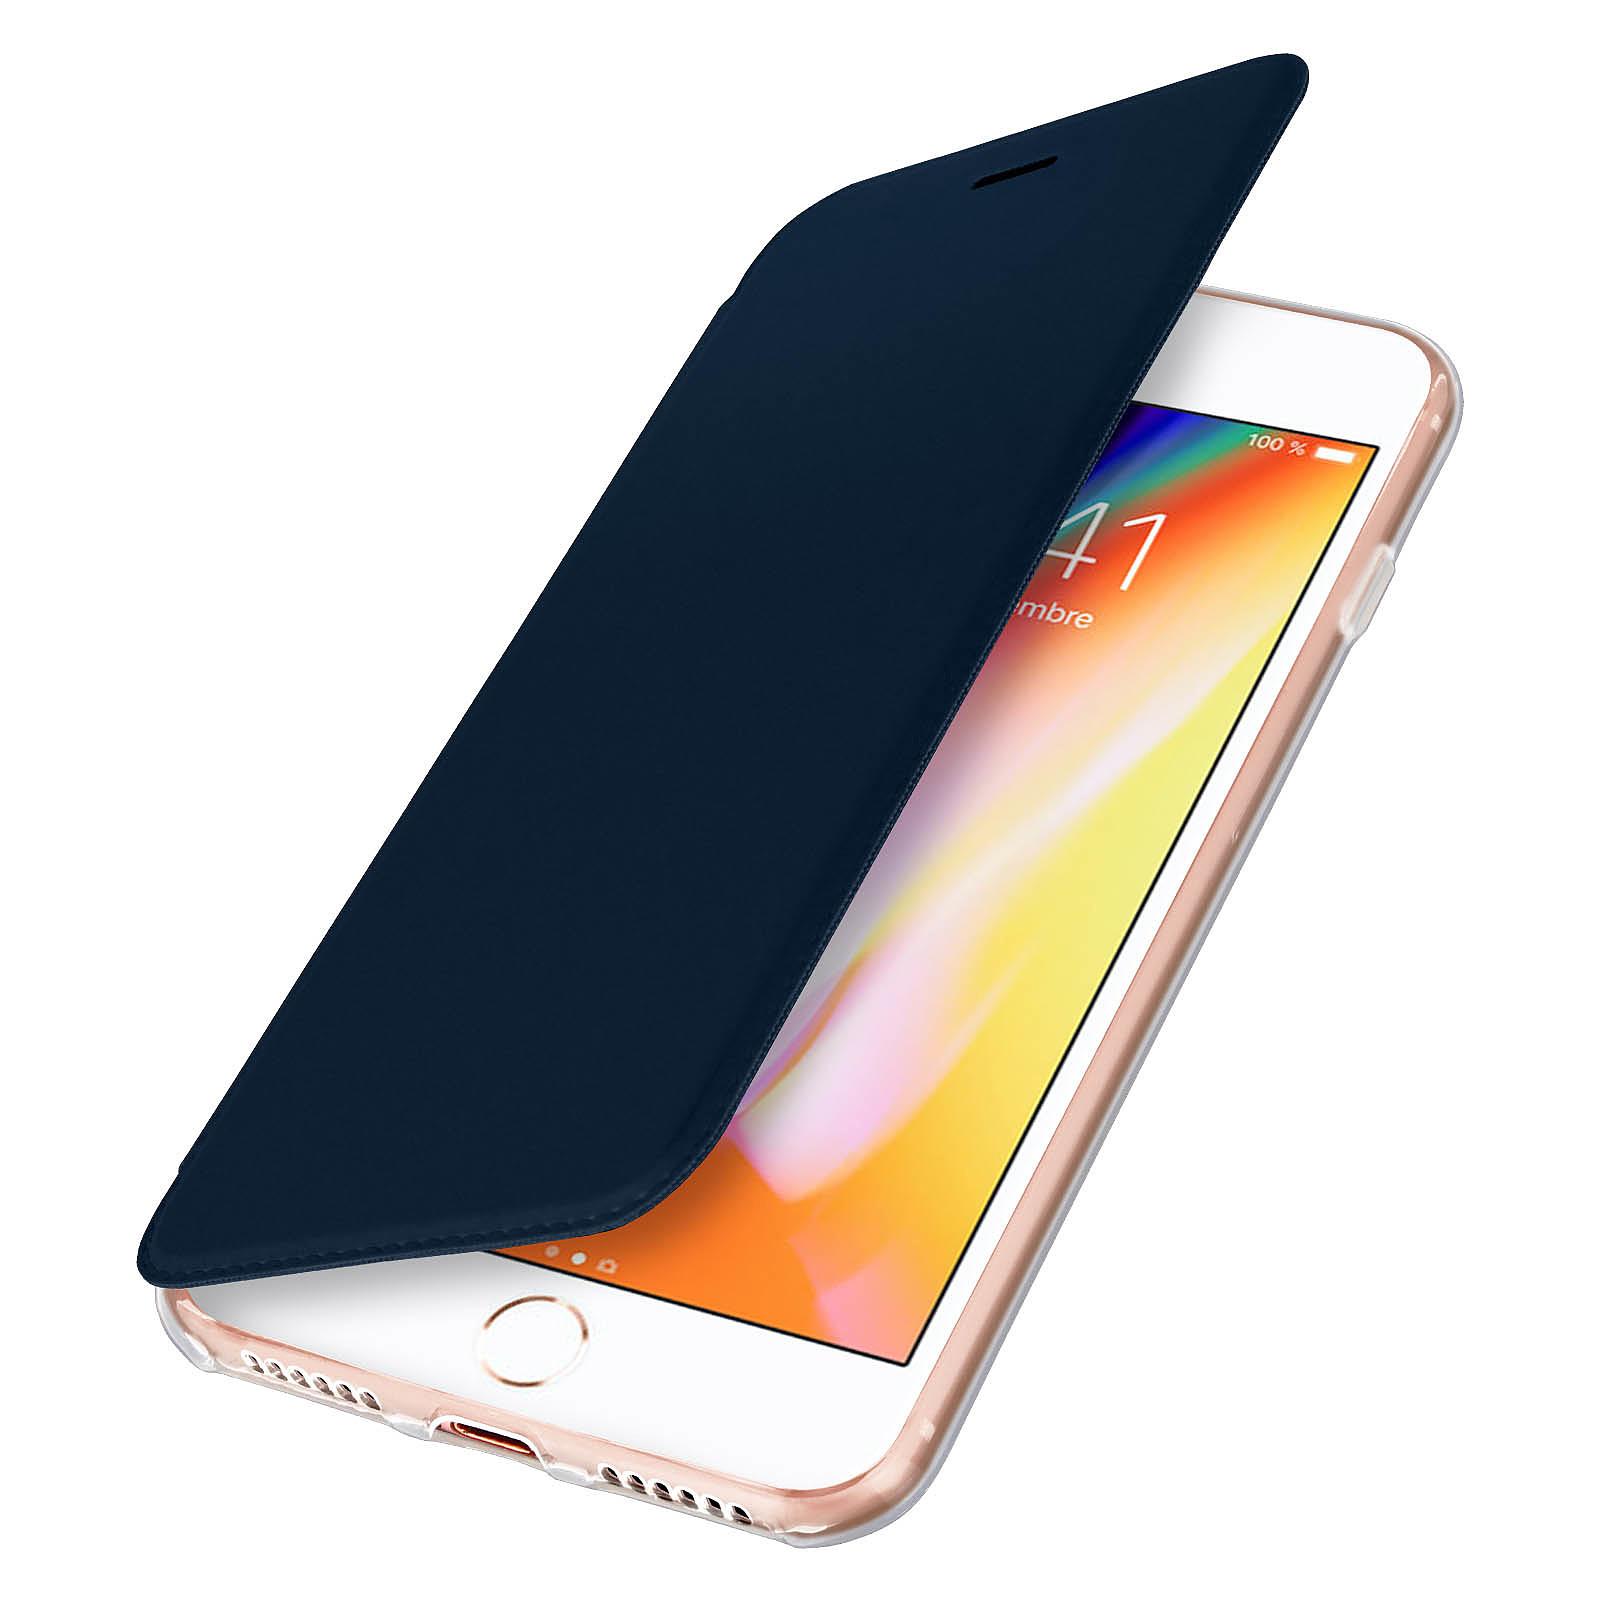 Avizar Etui folio Bleu Nuit pour Apple iPhone 7 , Apple iPhone 8 , Apple iPhone SE 2020